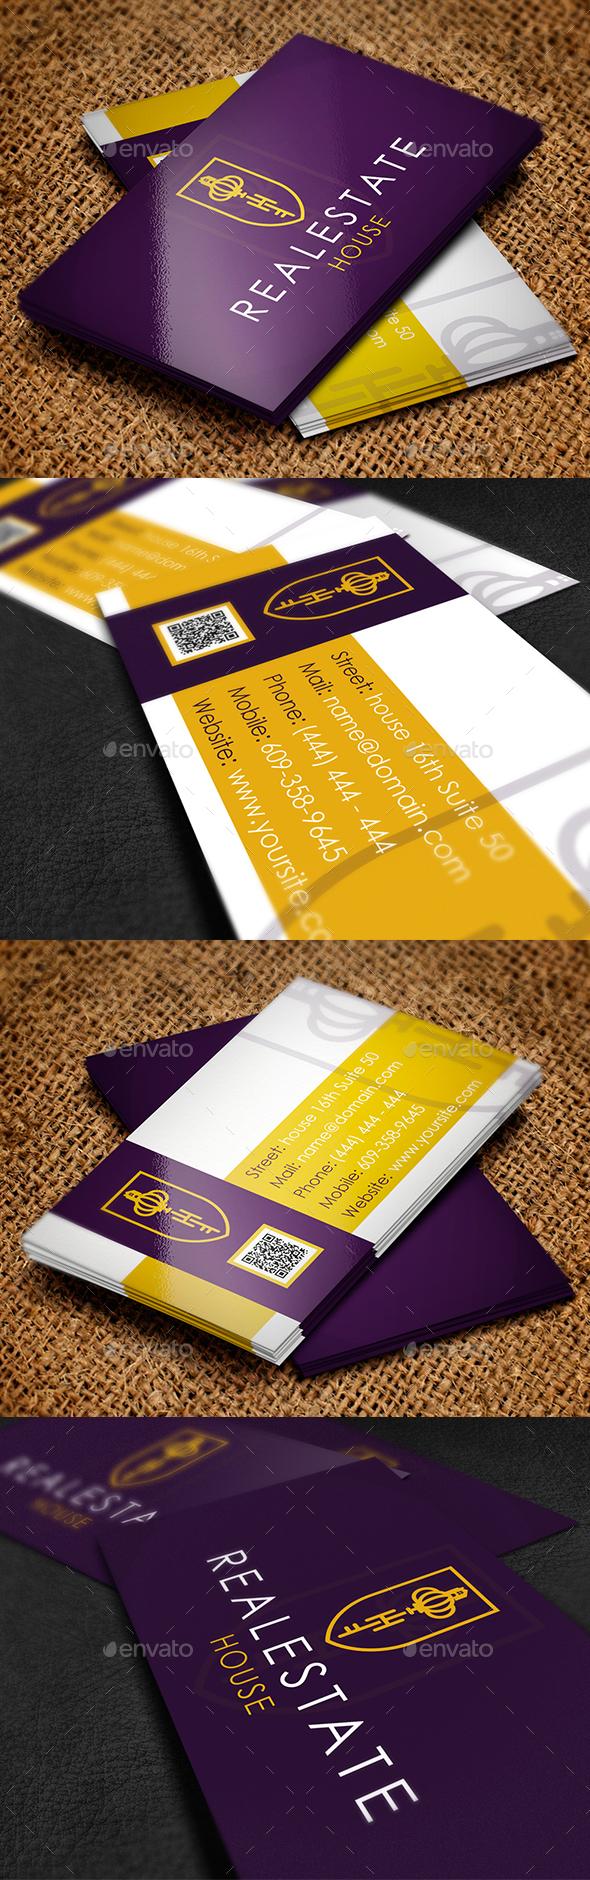 免费下载Real Estate Key Business Card 商务名片PSD模版下载